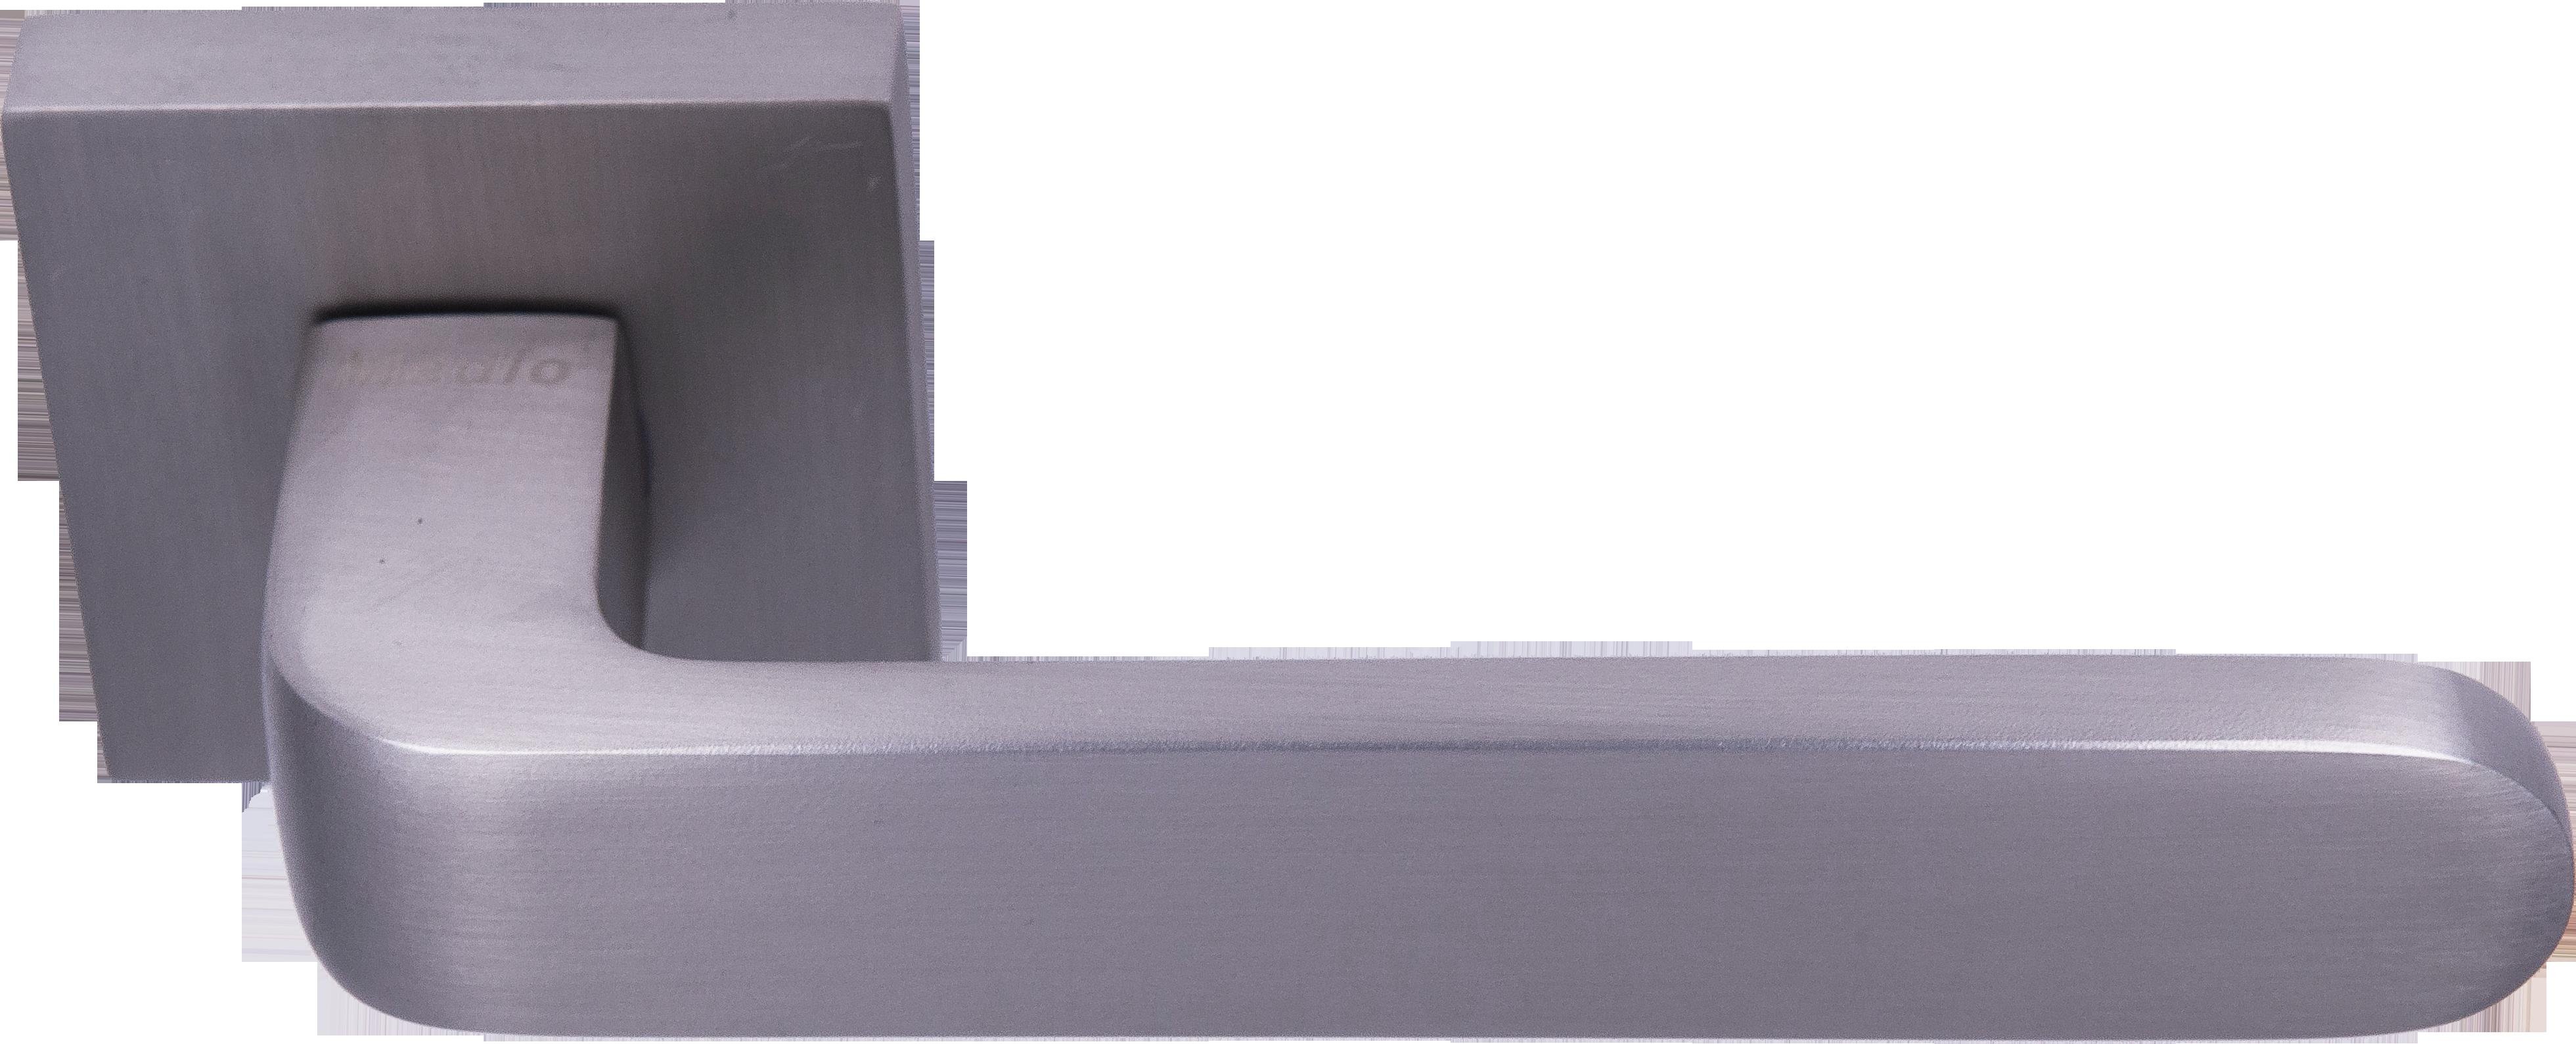 Ручка Медио ML6639-15 MSN мат.никель (20 шт)